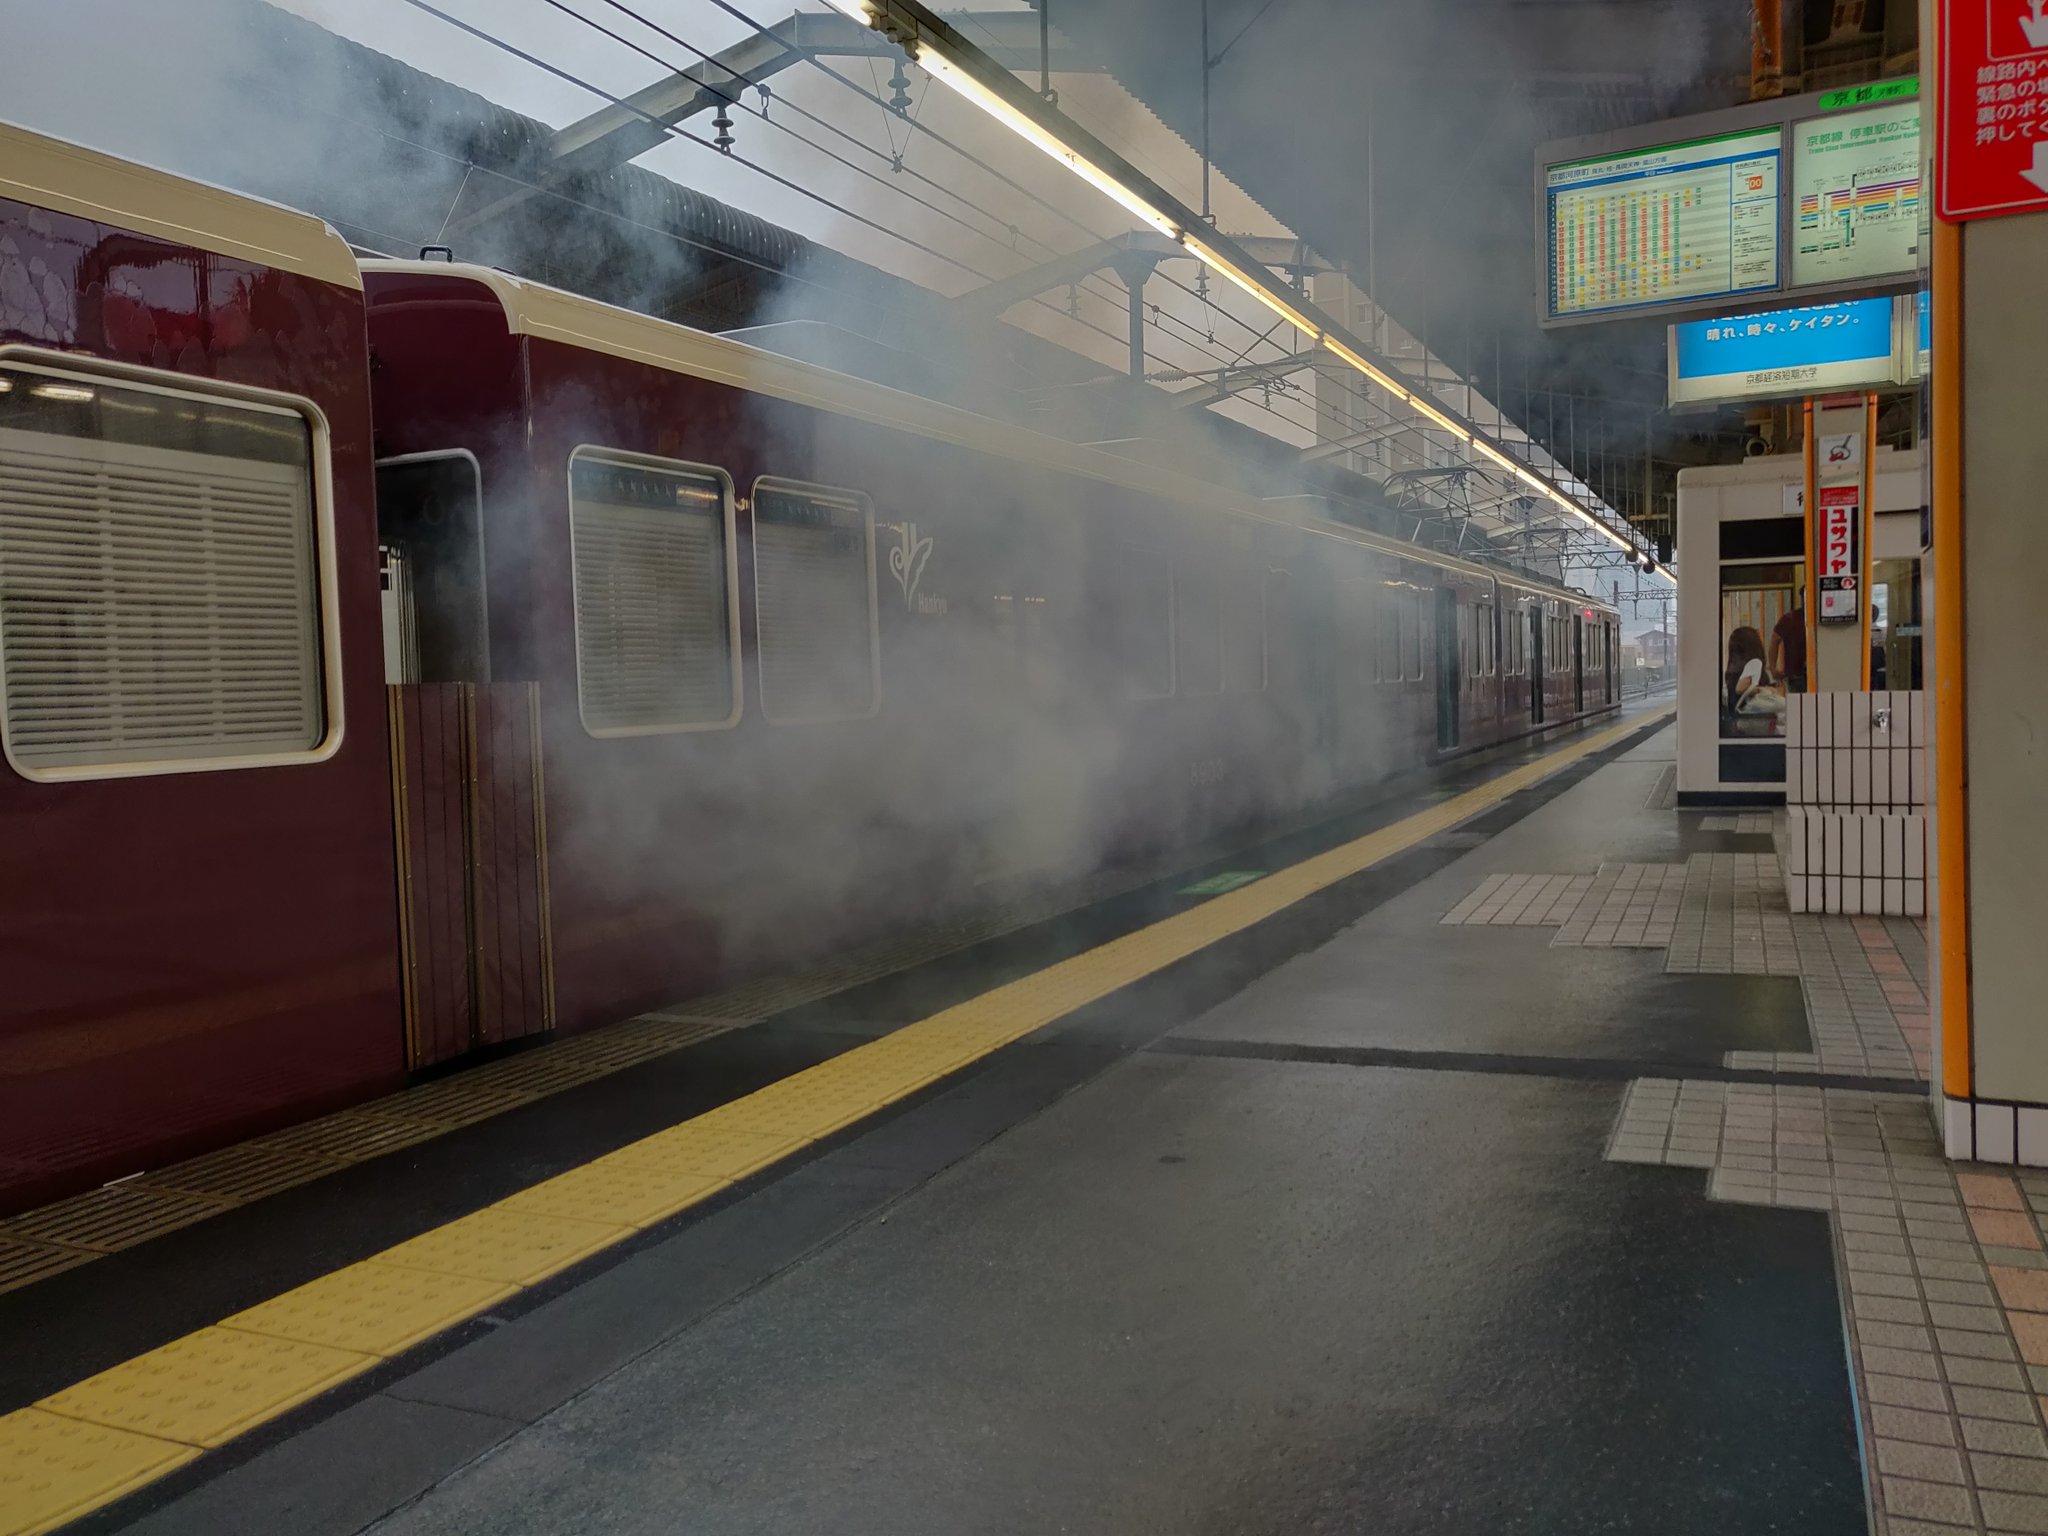 阪急京都線の電車の車両トラブルで煙が立ち上っている現場の画像